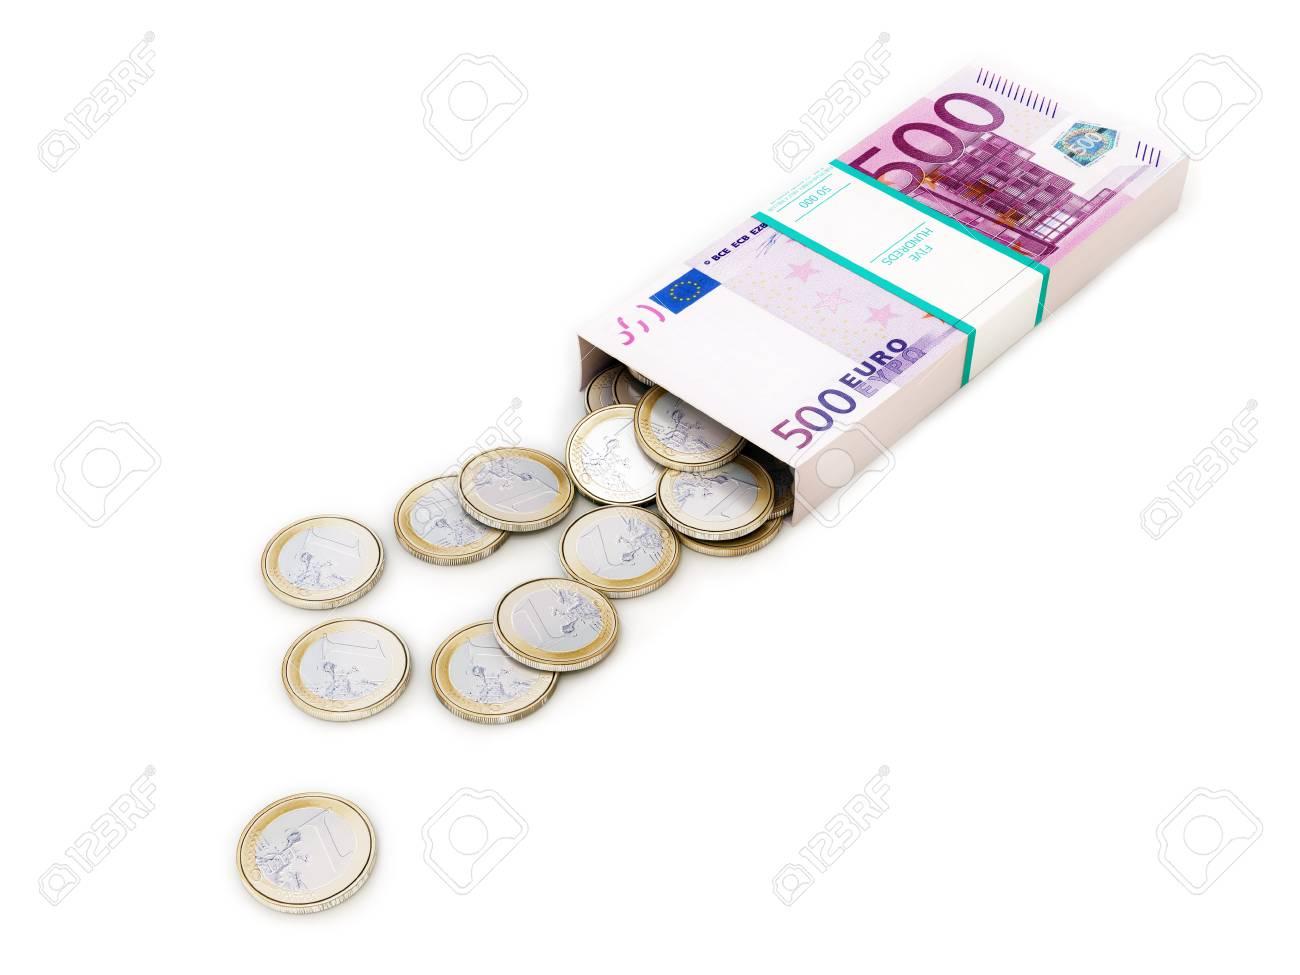 euro money box on white isolated background Stock Photo - 12826337